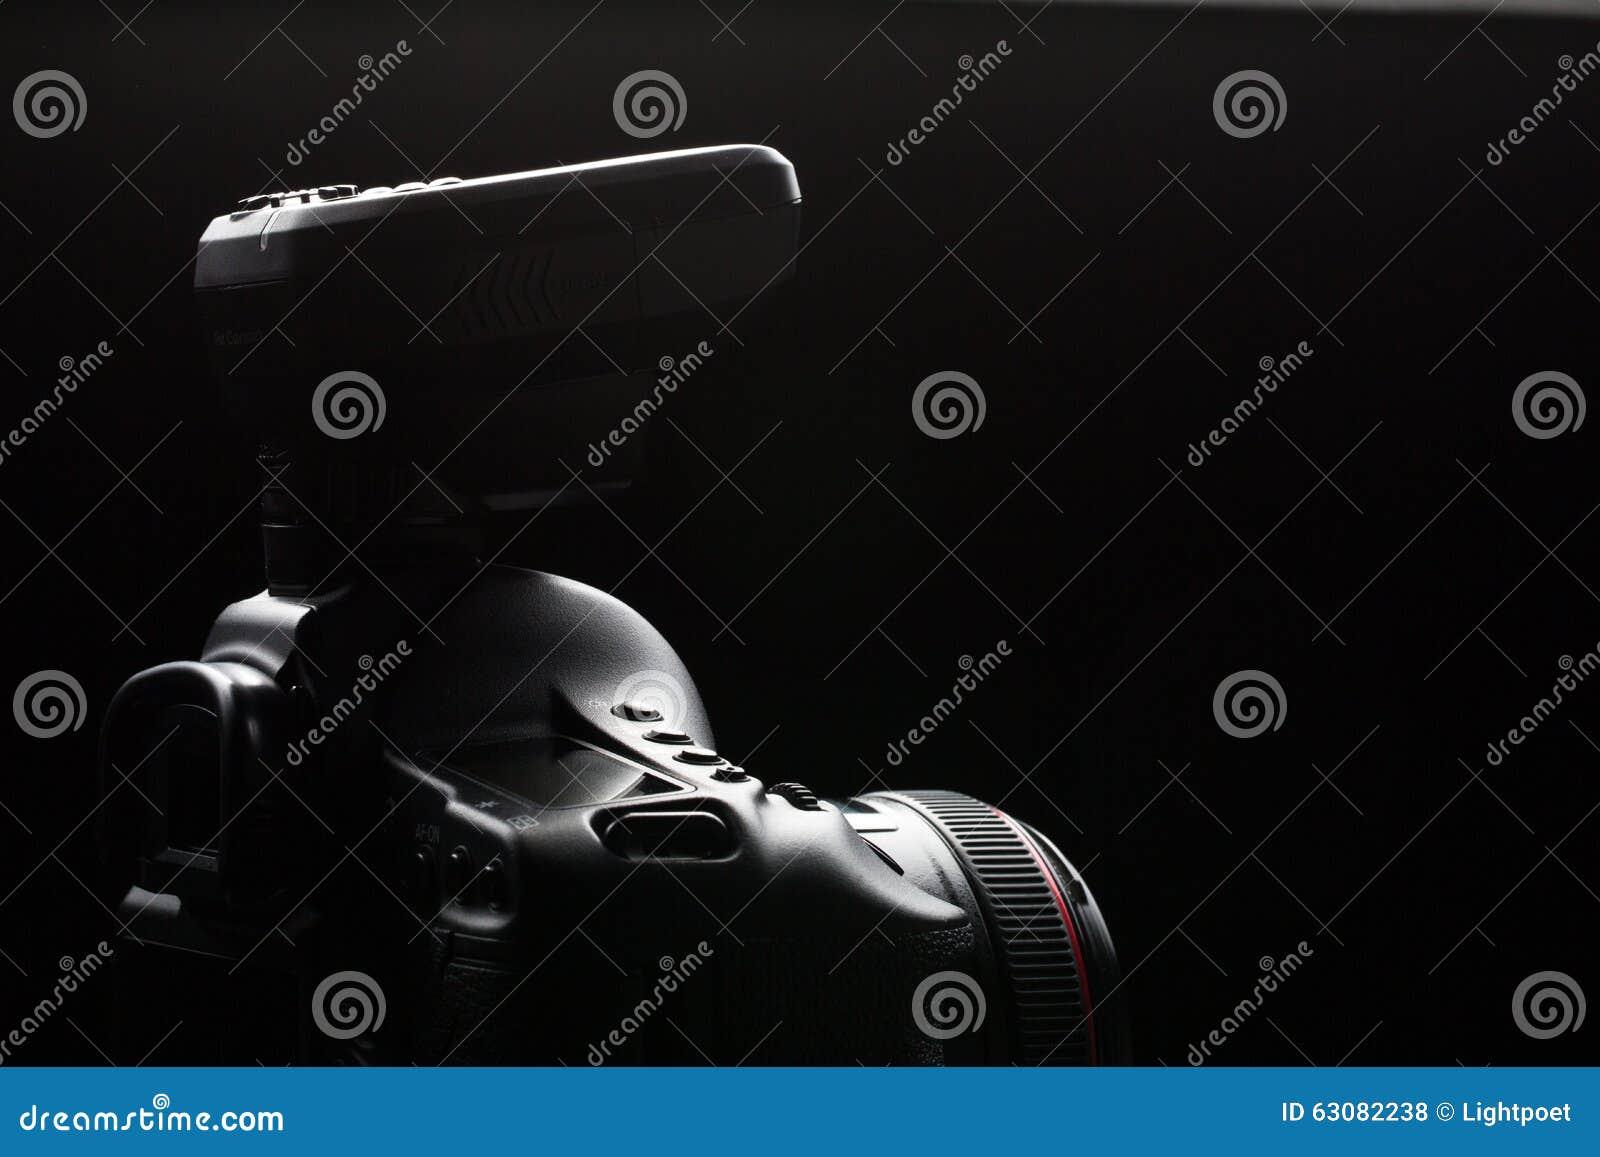 Download Image Discrète D'appareil-photo Moderne Professionnel De DSLR Photo stock - Image du iris, verticale: 63082238